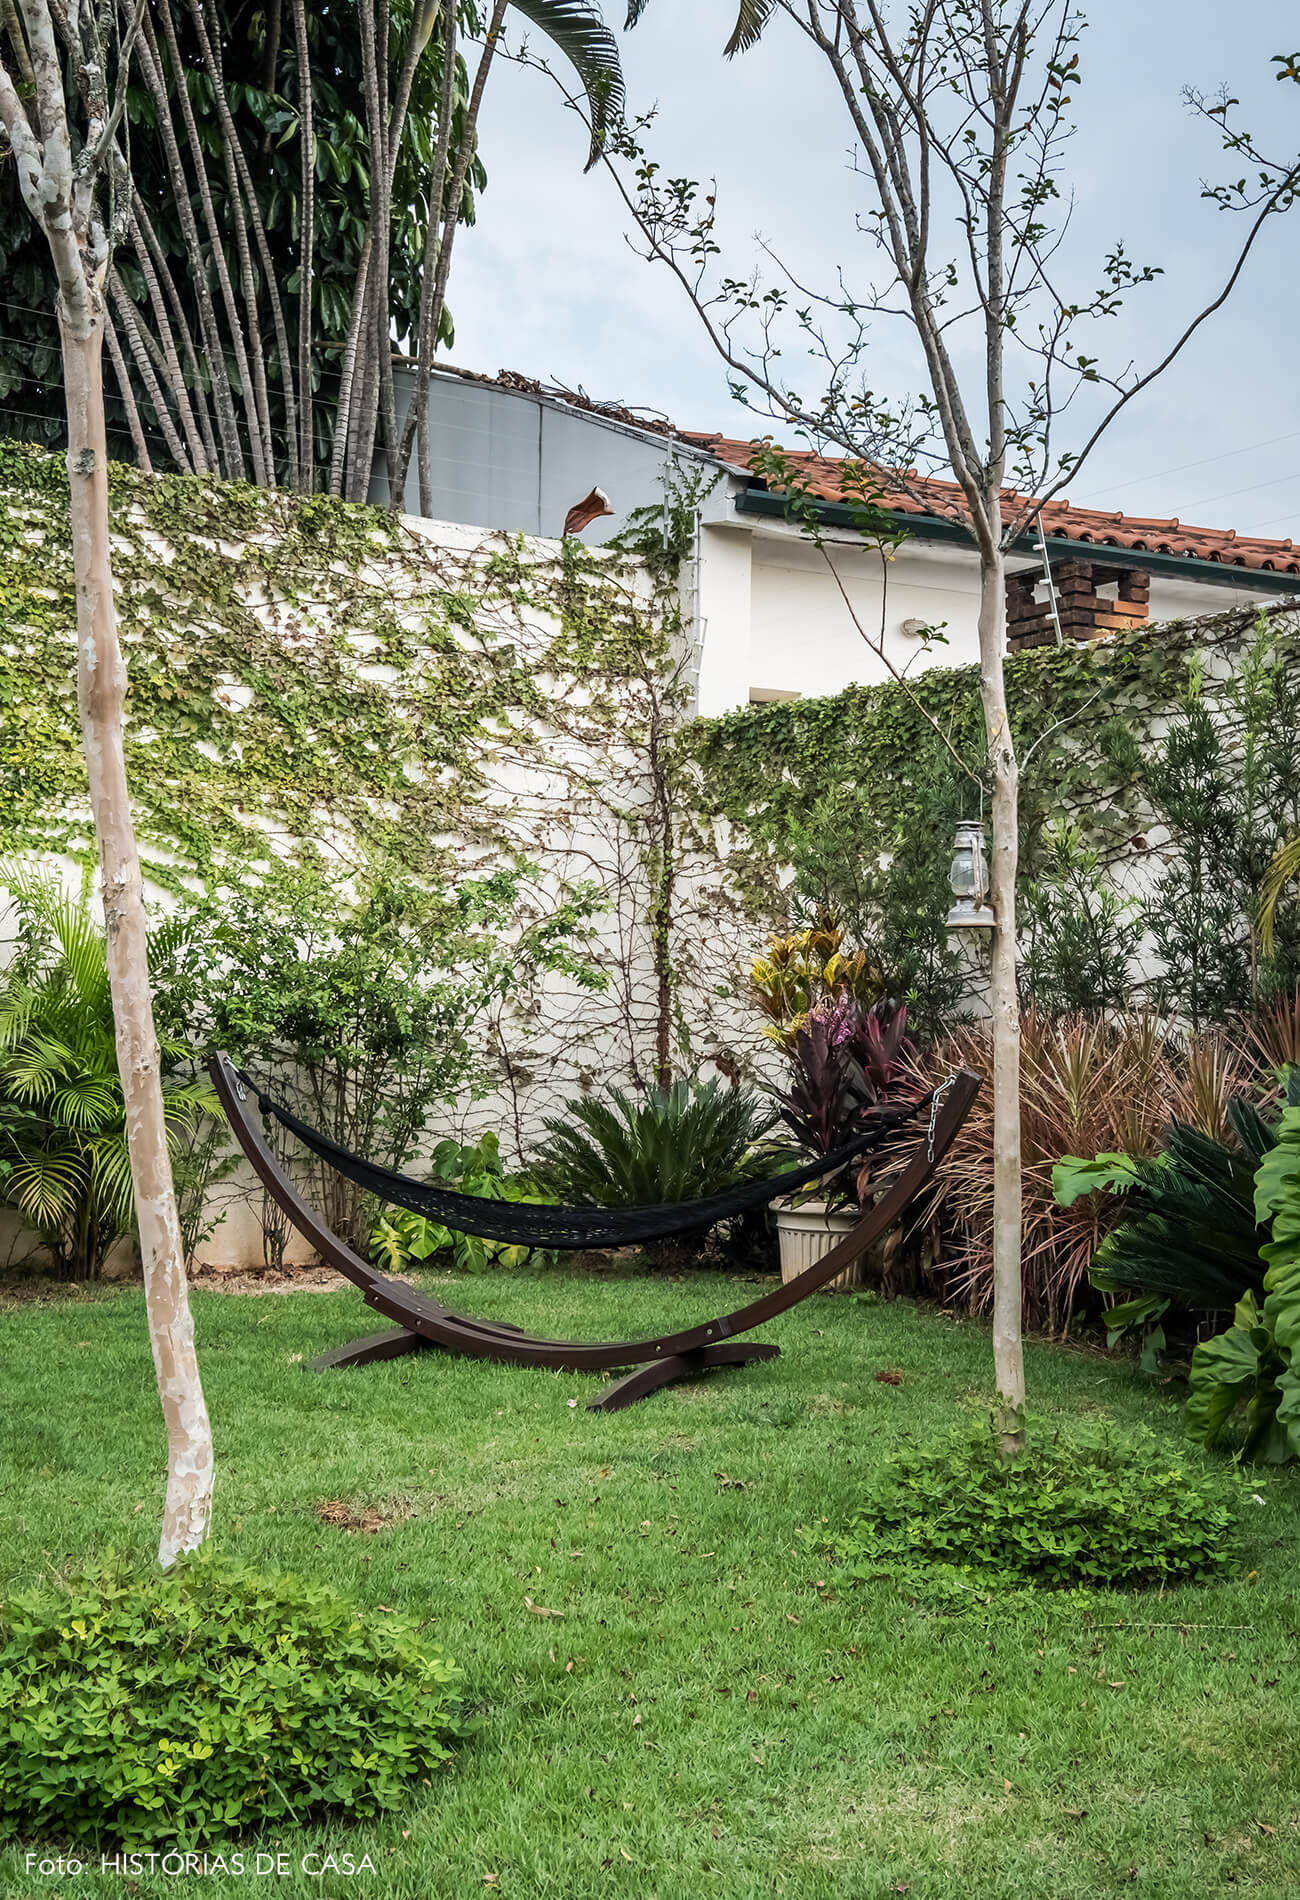 Casa com jardim nos fundos. Gramado, deck e rede de balanço.